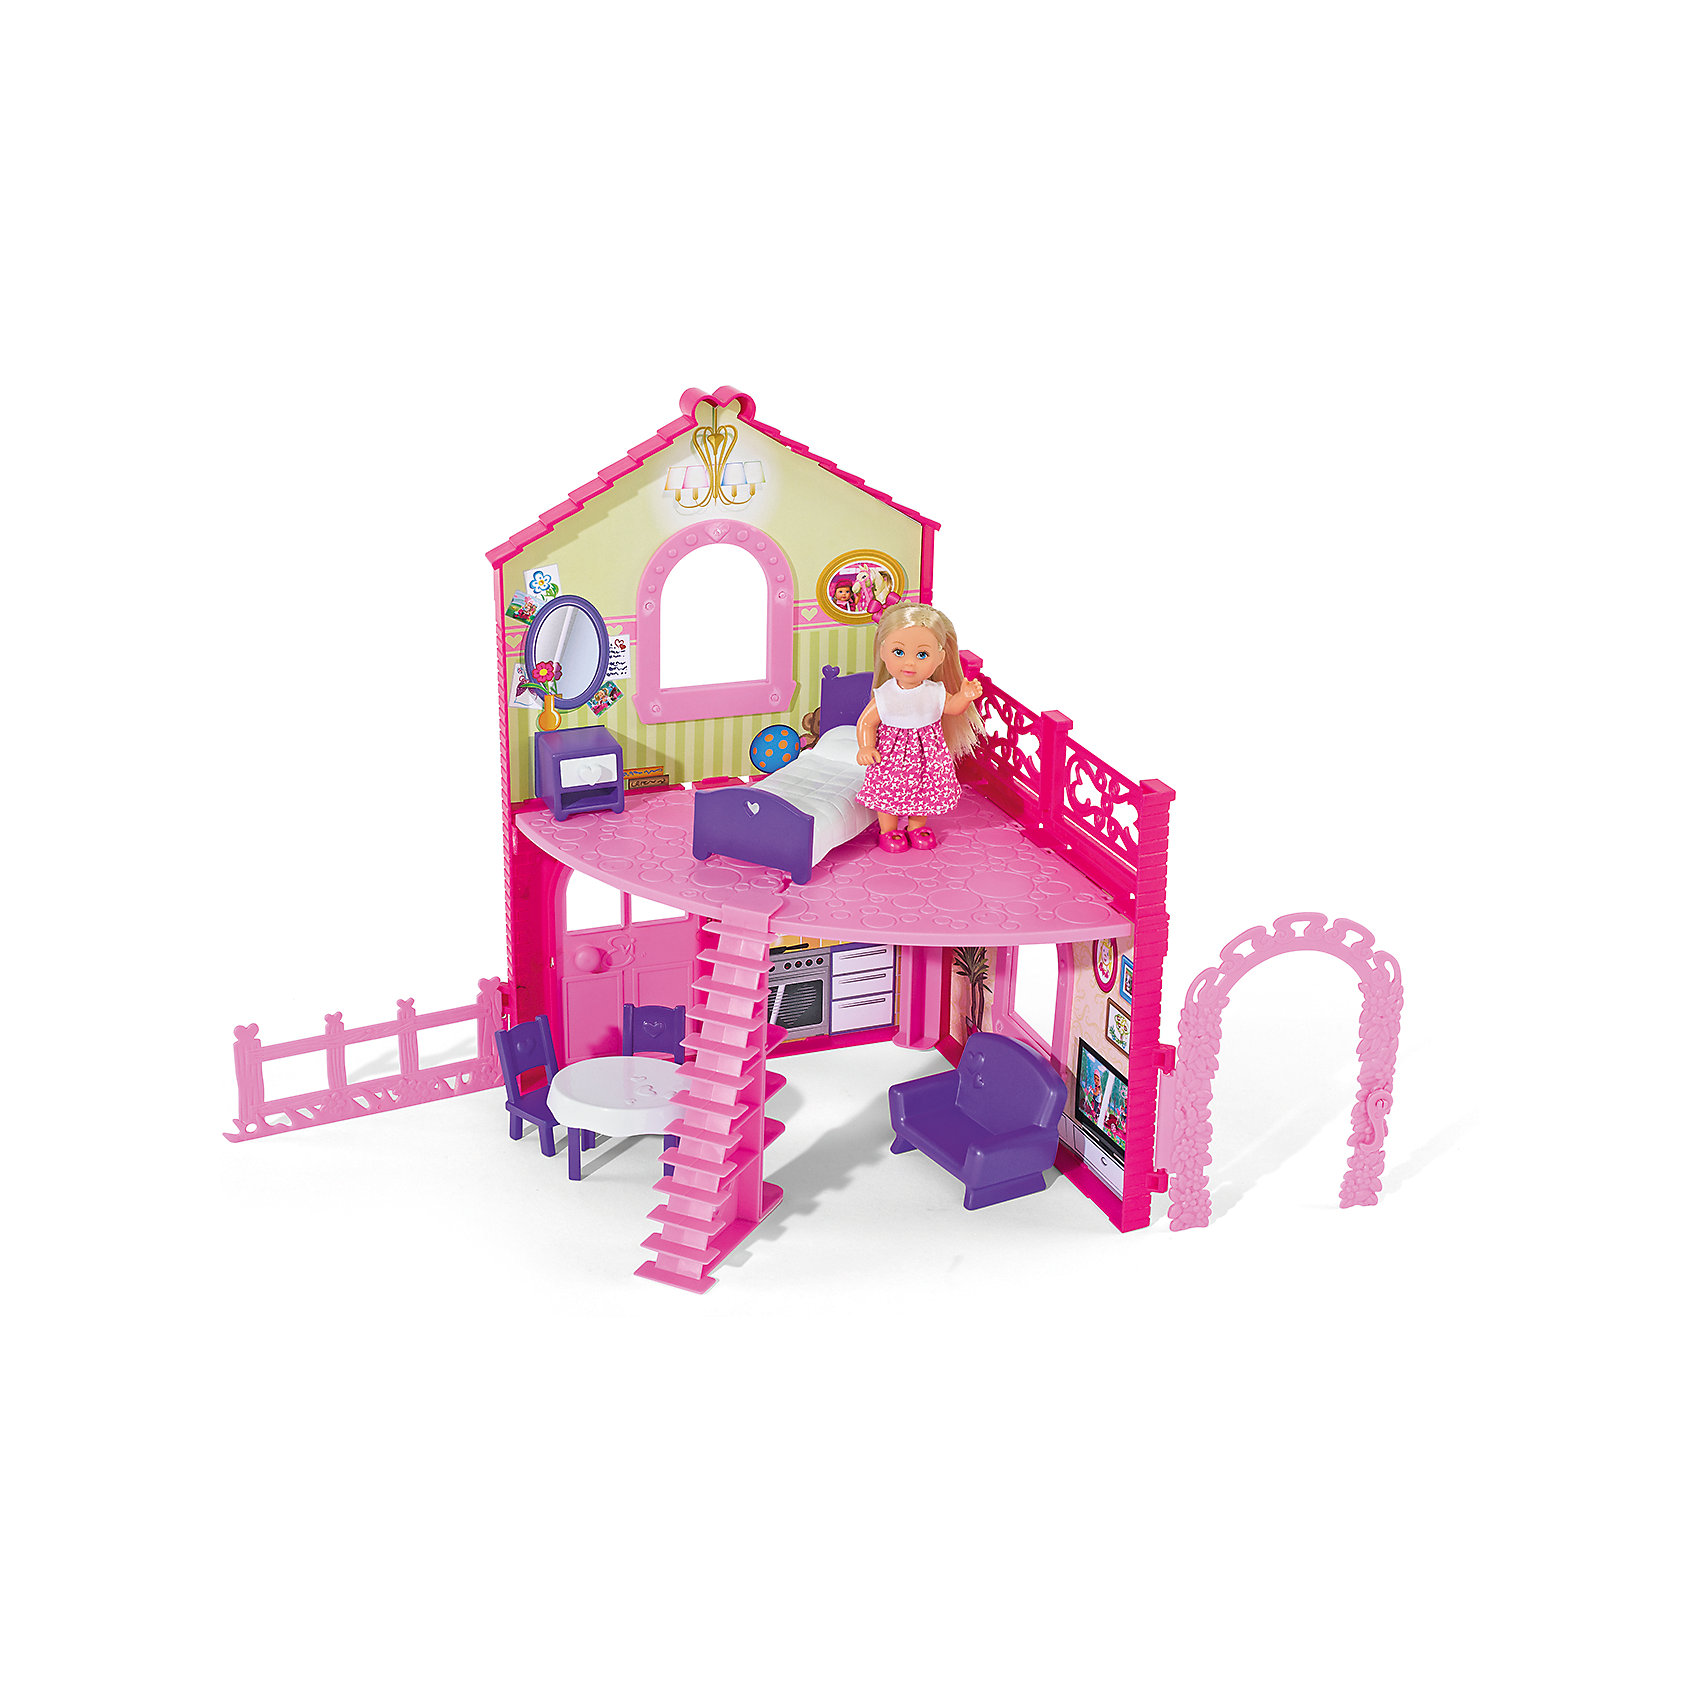 Кукла Еви в двухэтажном доме, SimbaSteffi и Evi Love<br>Характеристики товара:<br><br>- цвет: разноцветный;<br>- материал: пластик;<br>- возраст: от трех лет;<br>- комплектация: кукла, одежда, мебель;<br>- высота куклы: 12 см.<br><br>Эта симпатичная кукла Еви от известного бренда приводит детей в восторг! Какая девочка сможет отказаться поиграть с куклами, которые дополнены набором в виде дома и предметами из него?! В набор входят аксессуары и предметы мебели для игр с куклой. Игрушка очень качественно выполнена, поэтому она станет замечательным подарком ребенку. <br>Продается набор в красивой удобной упаковке. Изделие произведено из высококачественного материала, безопасного для детей.<br><br>Куклу Еви в двухэтажном доме от бренда Simba можно купить в нашем интернет-магазине.<br><br>Ширина мм: 70<br>Глубина мм: 400<br>Высота мм: 330<br>Вес г: 1100<br>Возраст от месяцев: 36<br>Возраст до месяцев: 120<br>Пол: Женский<br>Возраст: Детский<br>SKU: 5119517